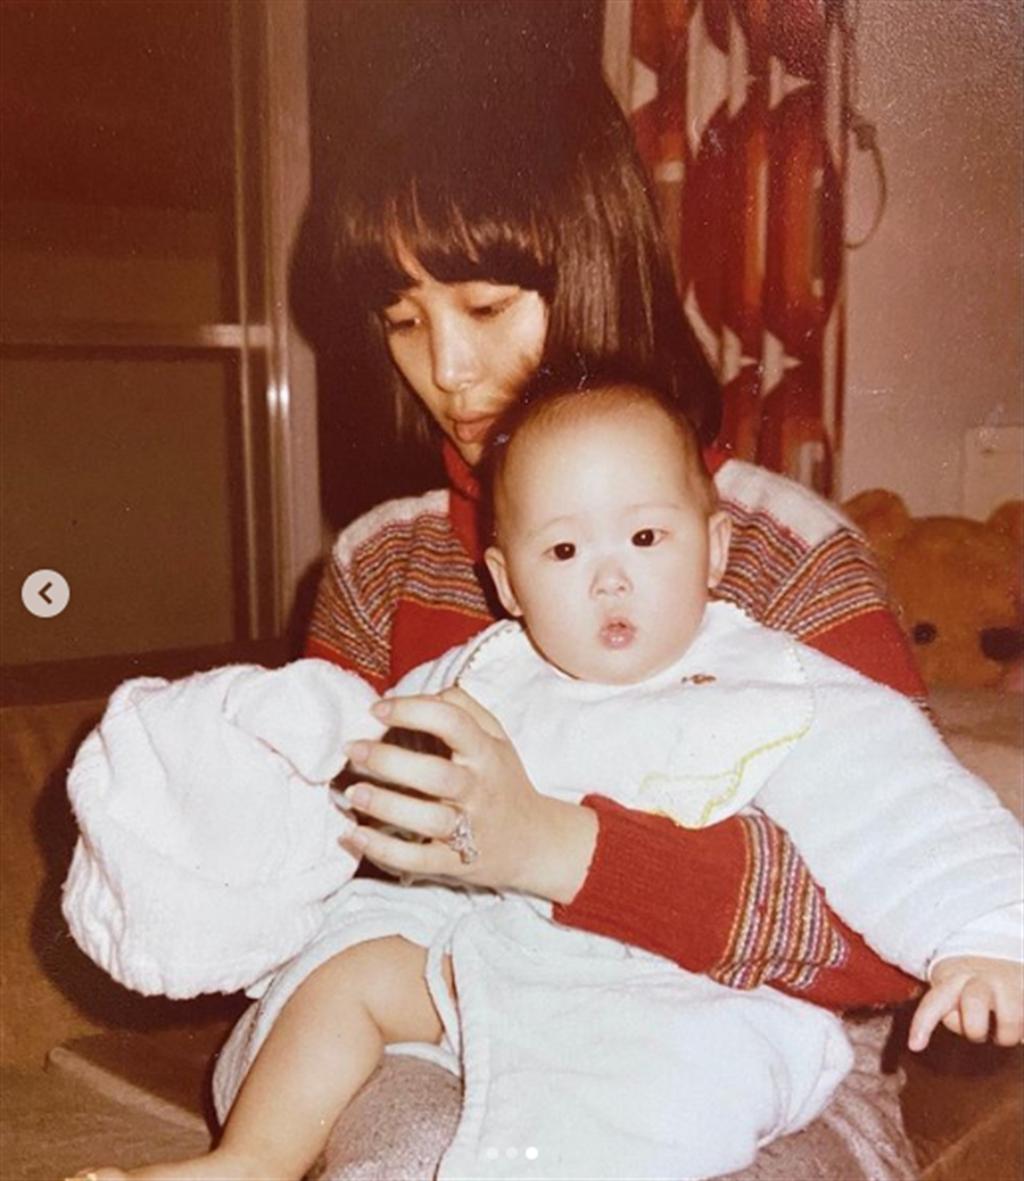 何念慈24歲時,抱著才7個月大的孫芸芸。(翻攝自孫芸芸IG)